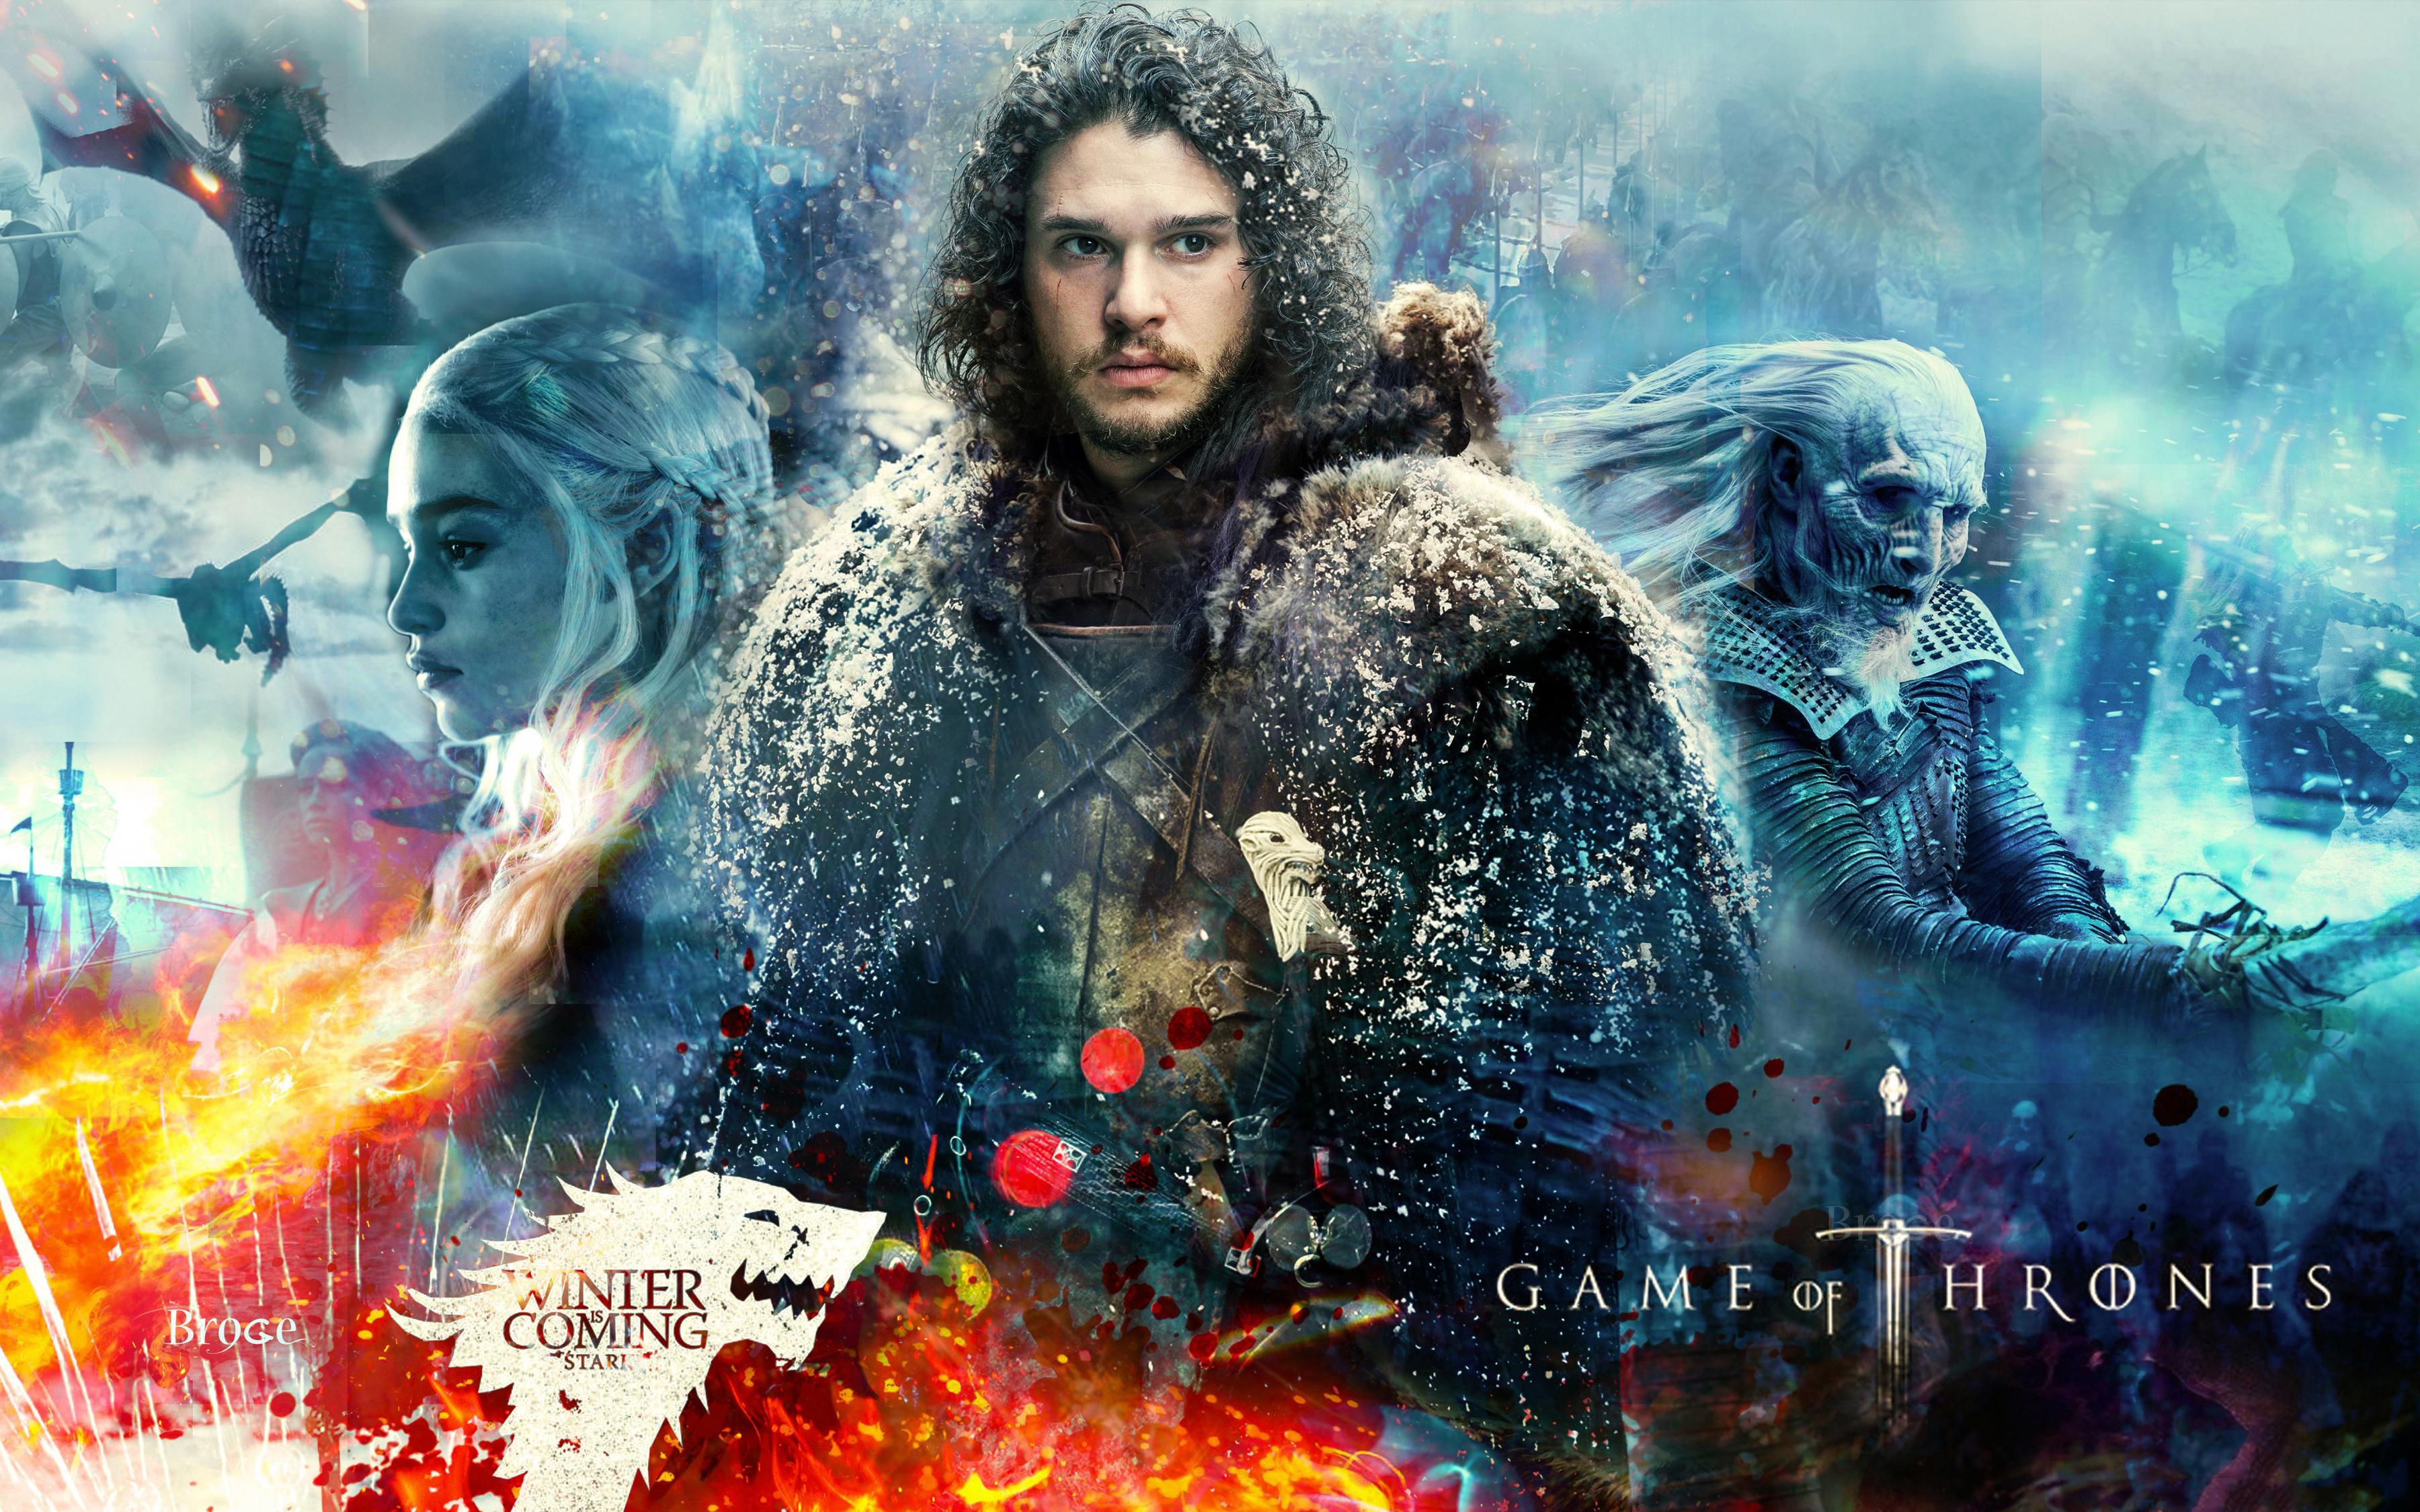 凜冬將至,《冰與火之歌》同人創作徵集開始啦!